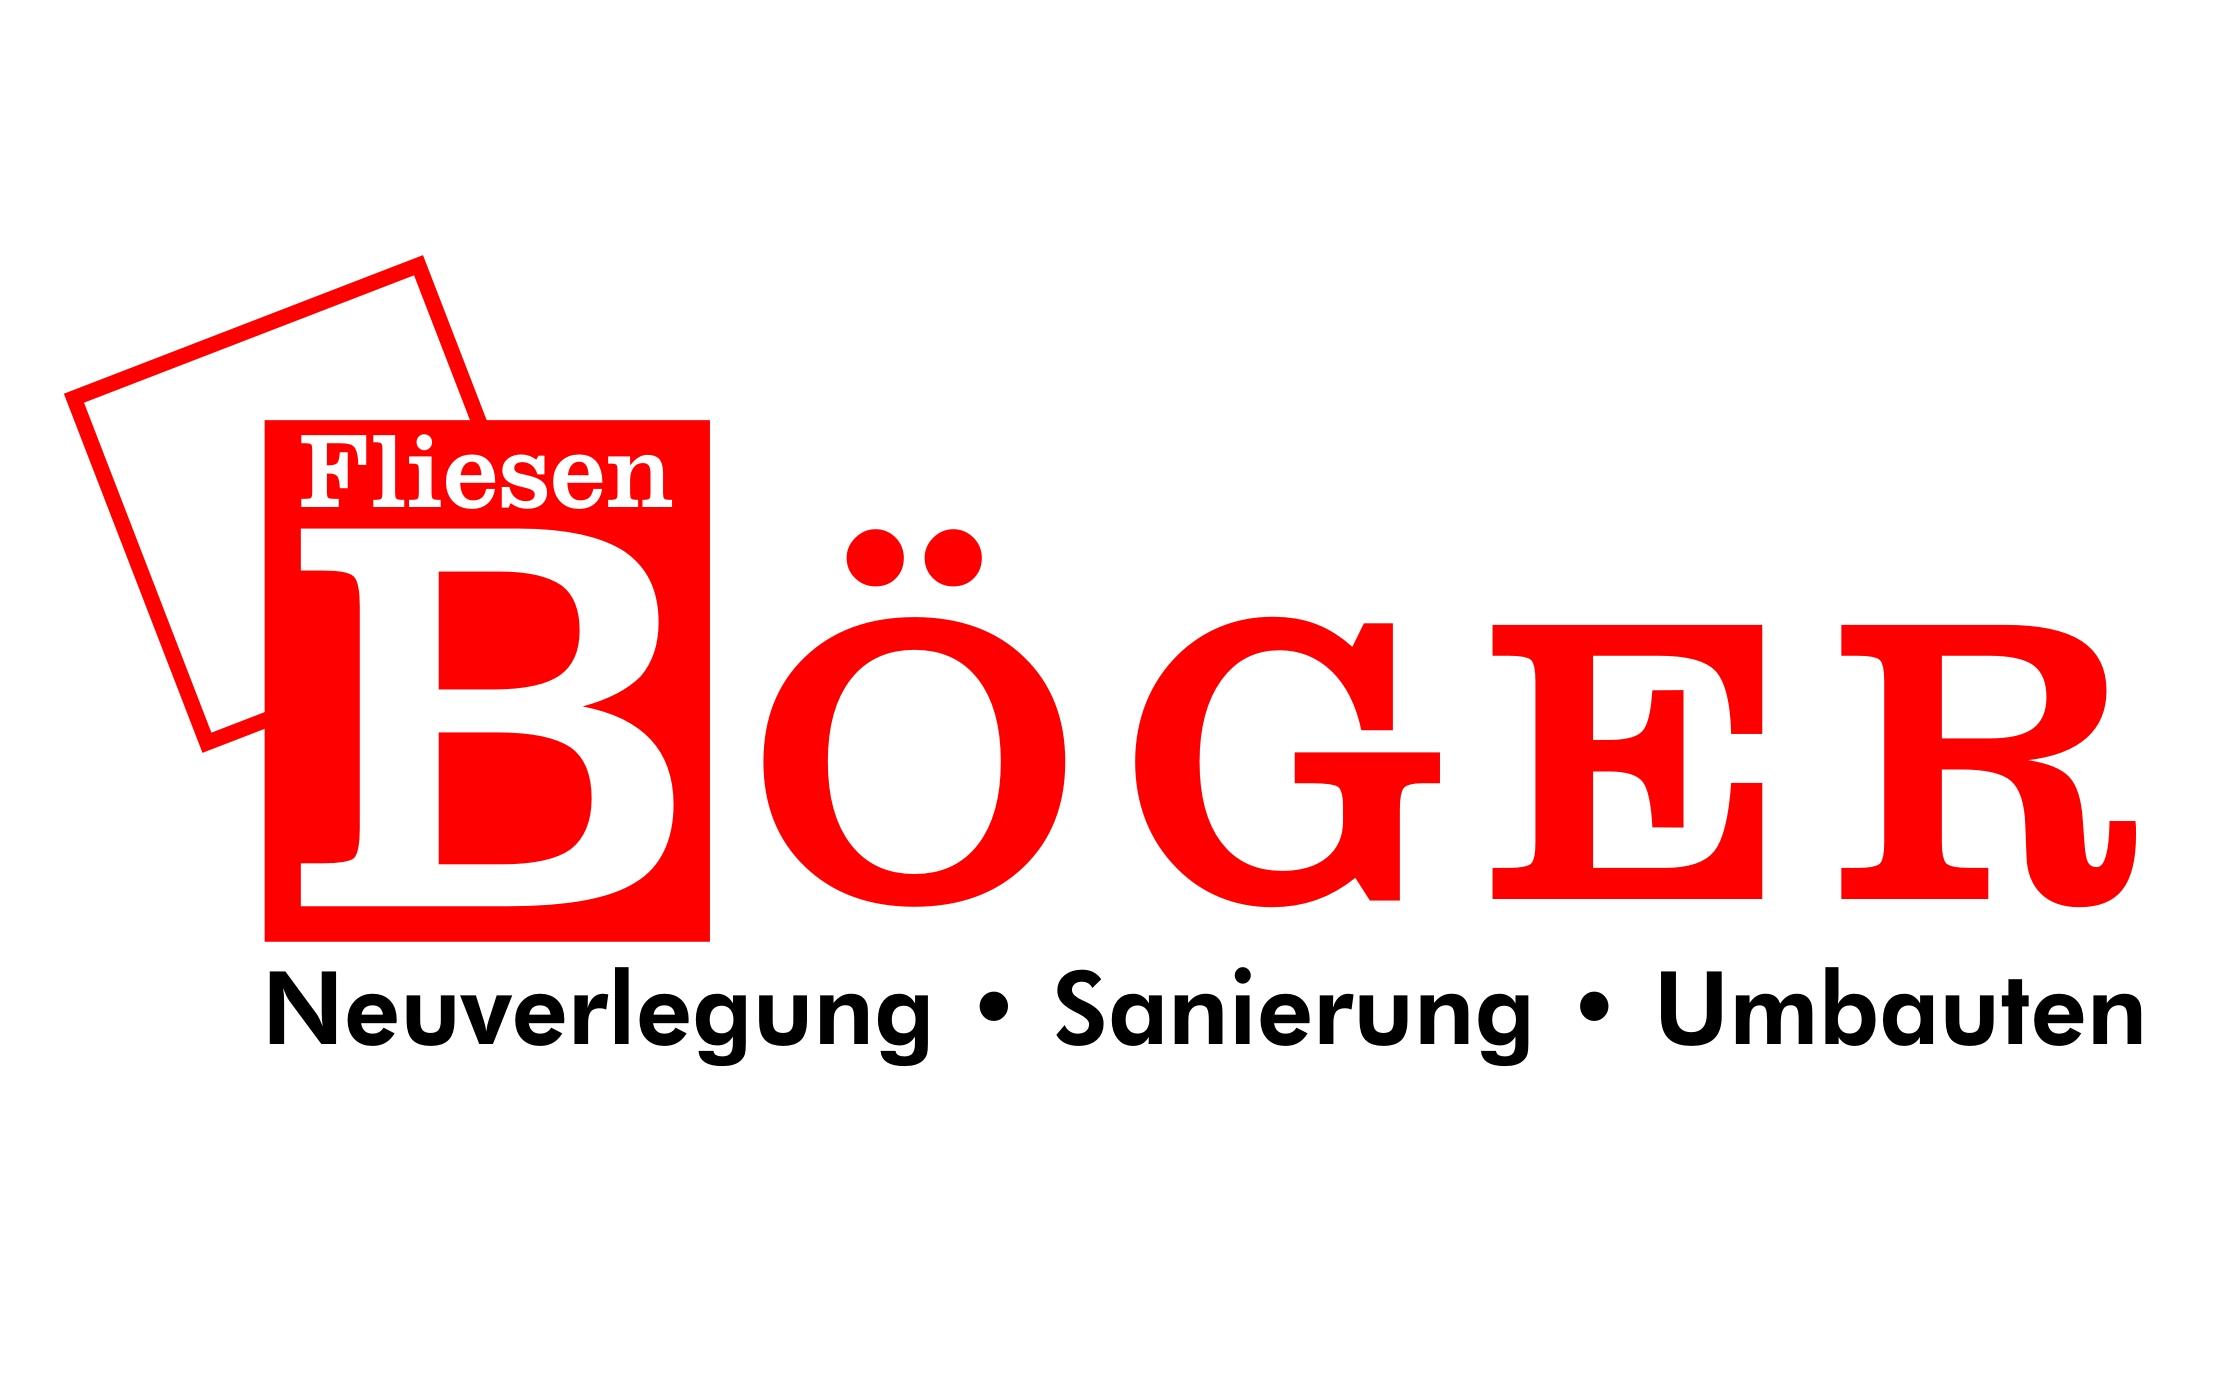 Fliesenleger In Bad Oeynhausen Auf Fliesenlegernet - Fliesen bad oeynhausen